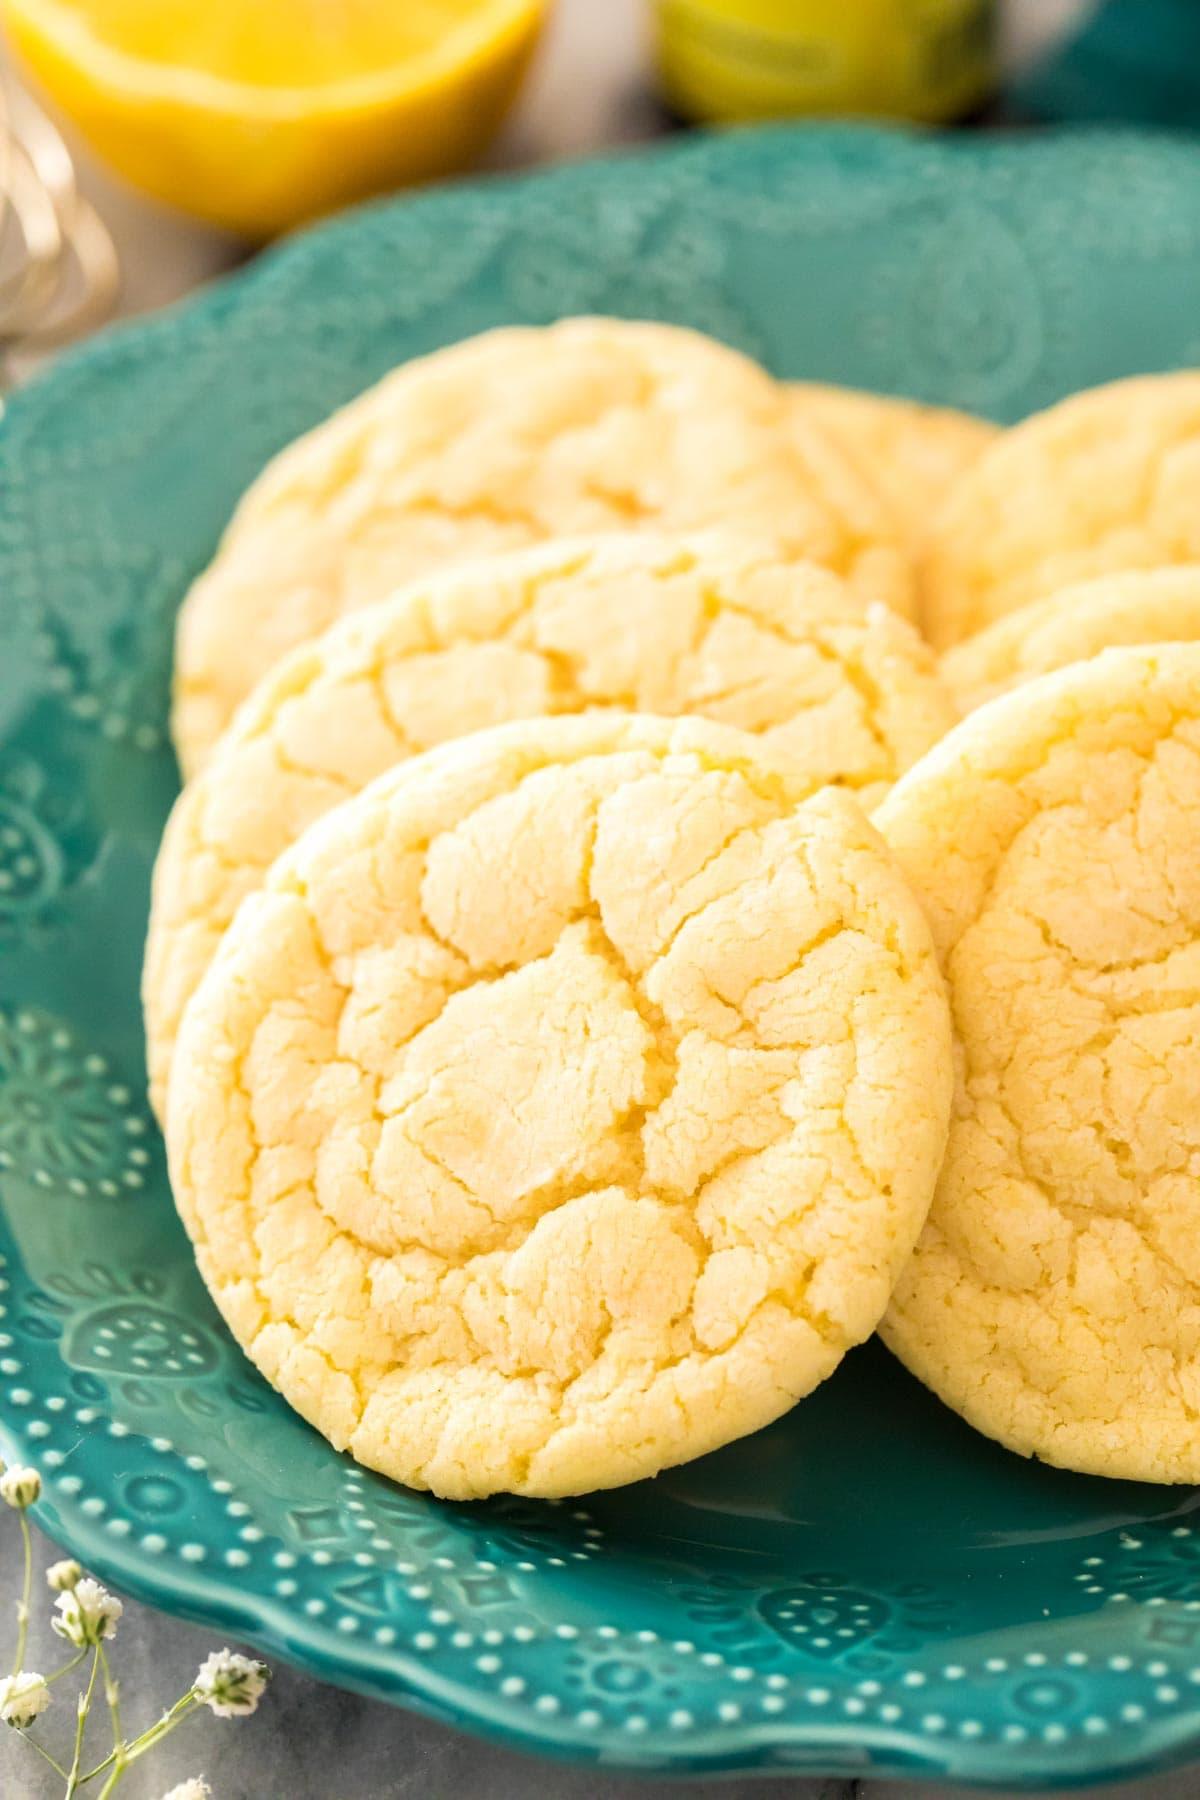 lemon cookies on green plate